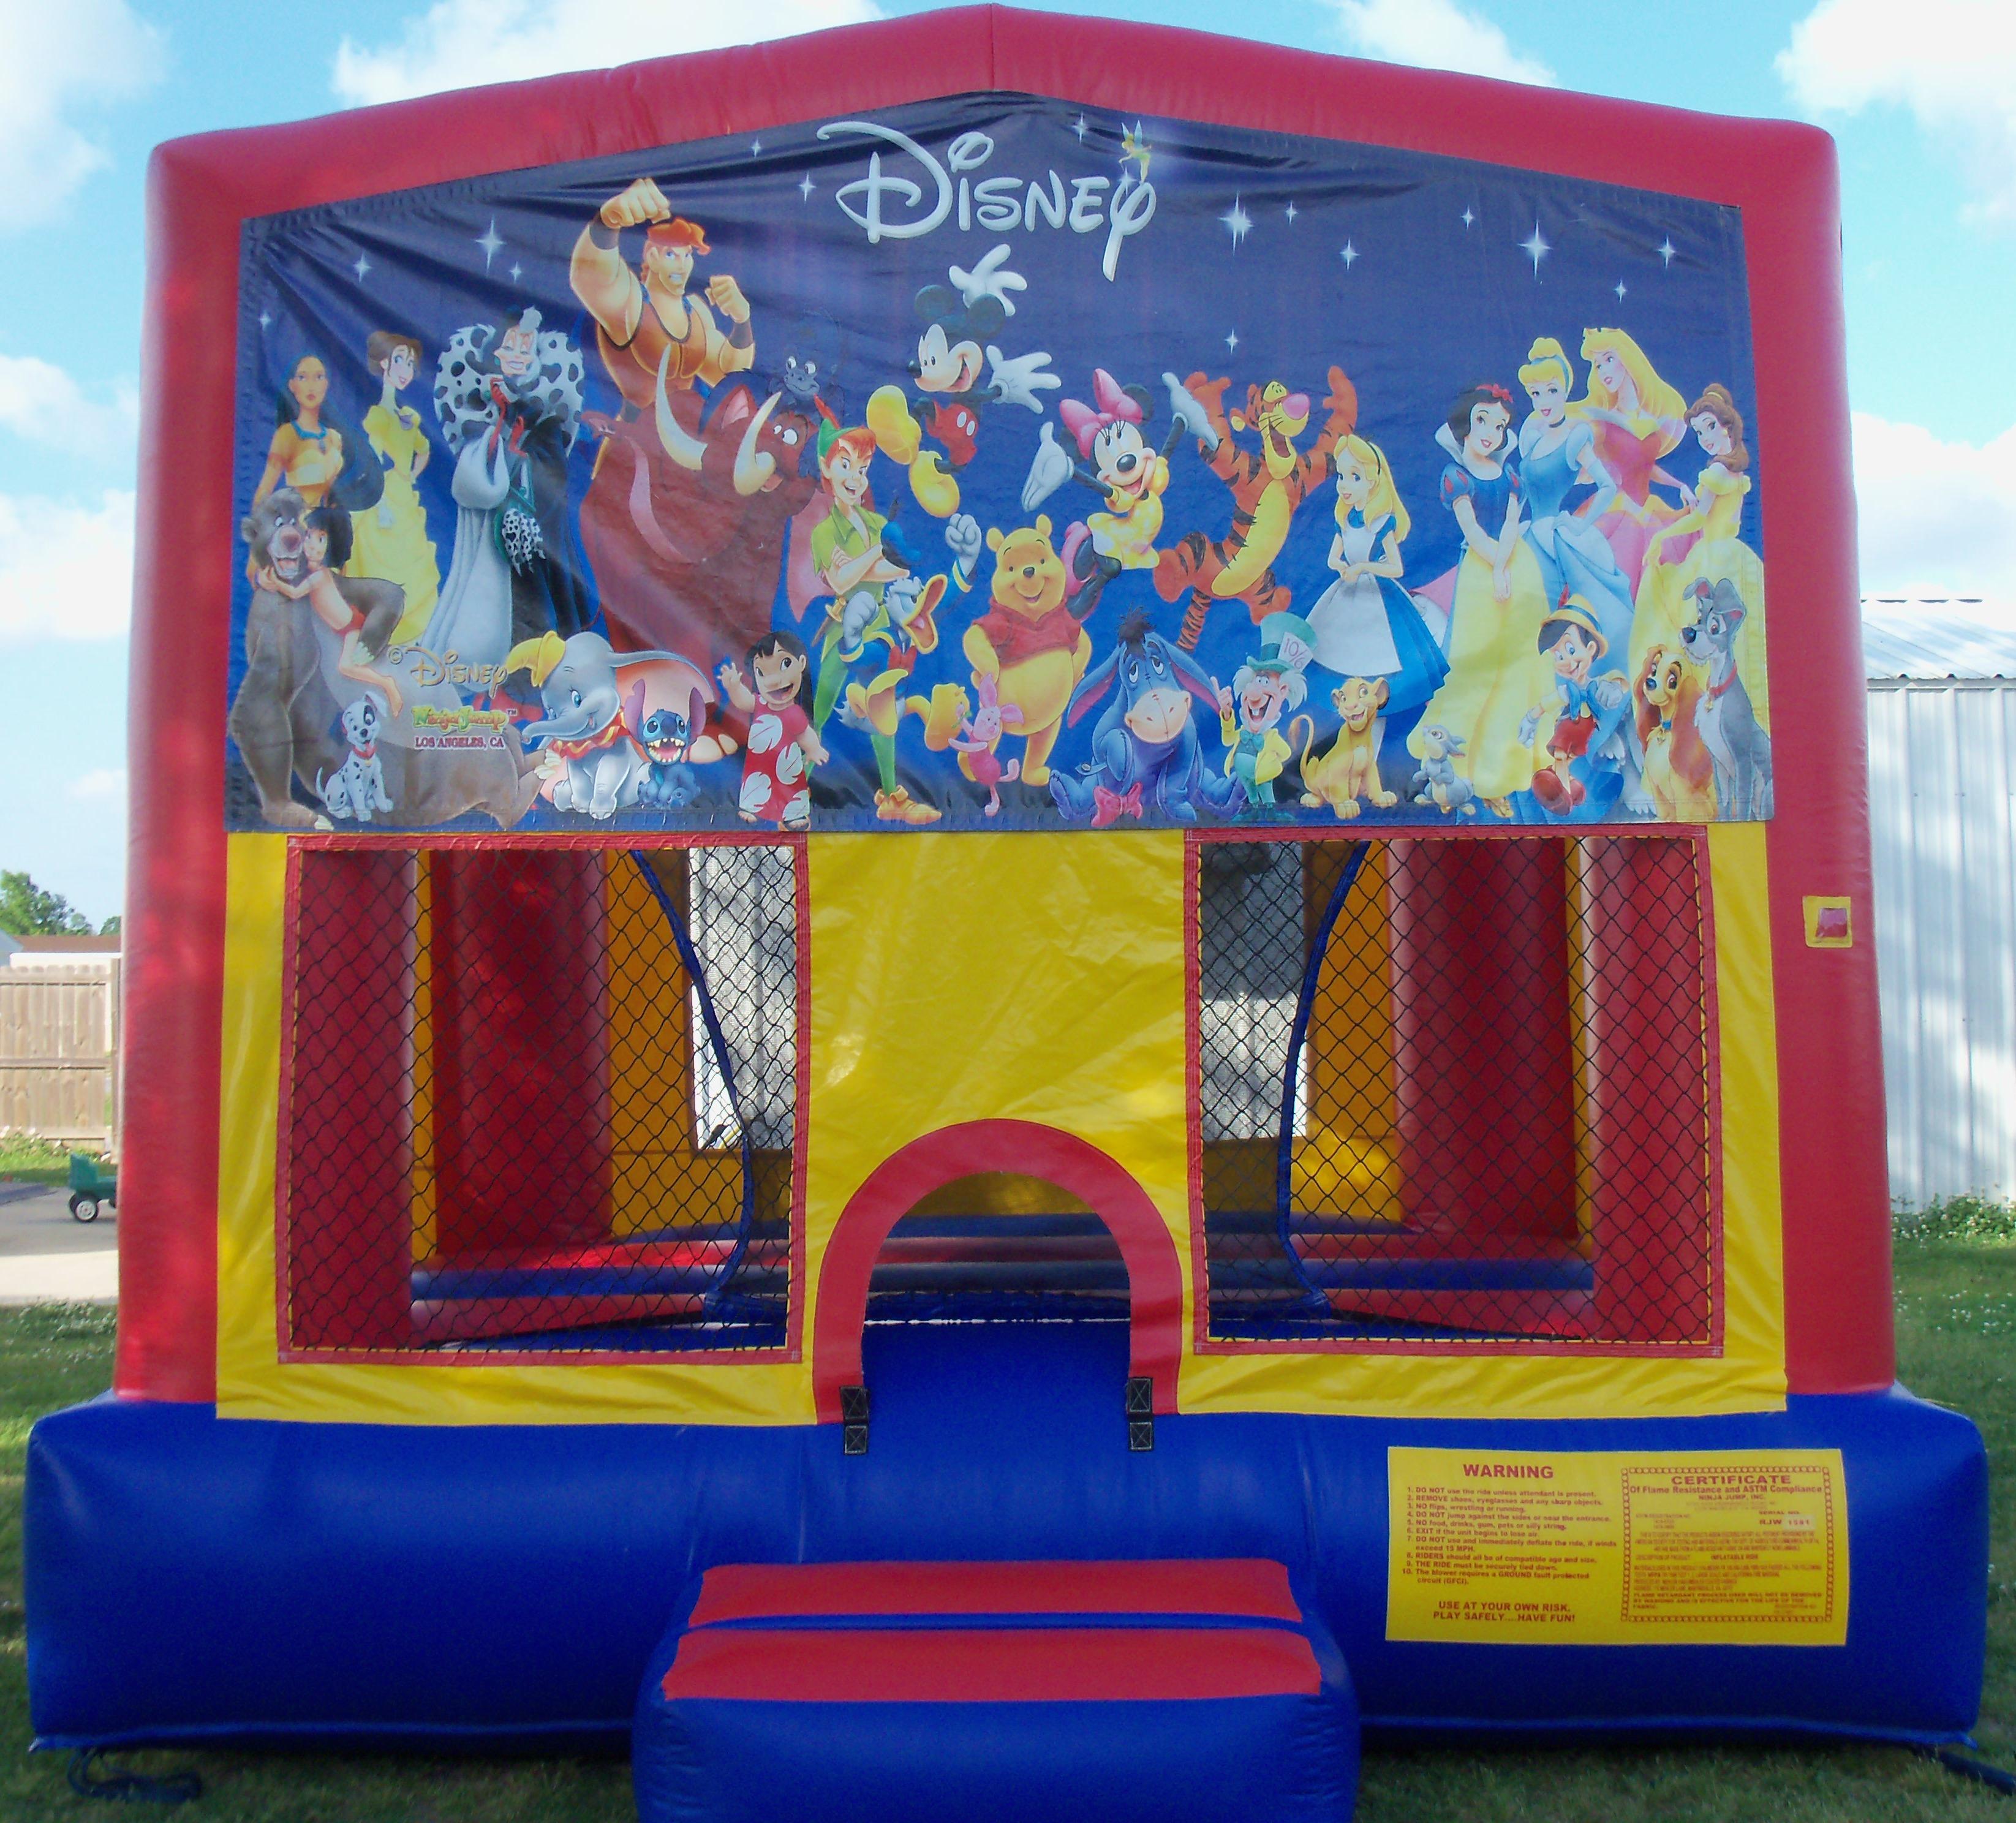 Disney World Bounce House Louisiana